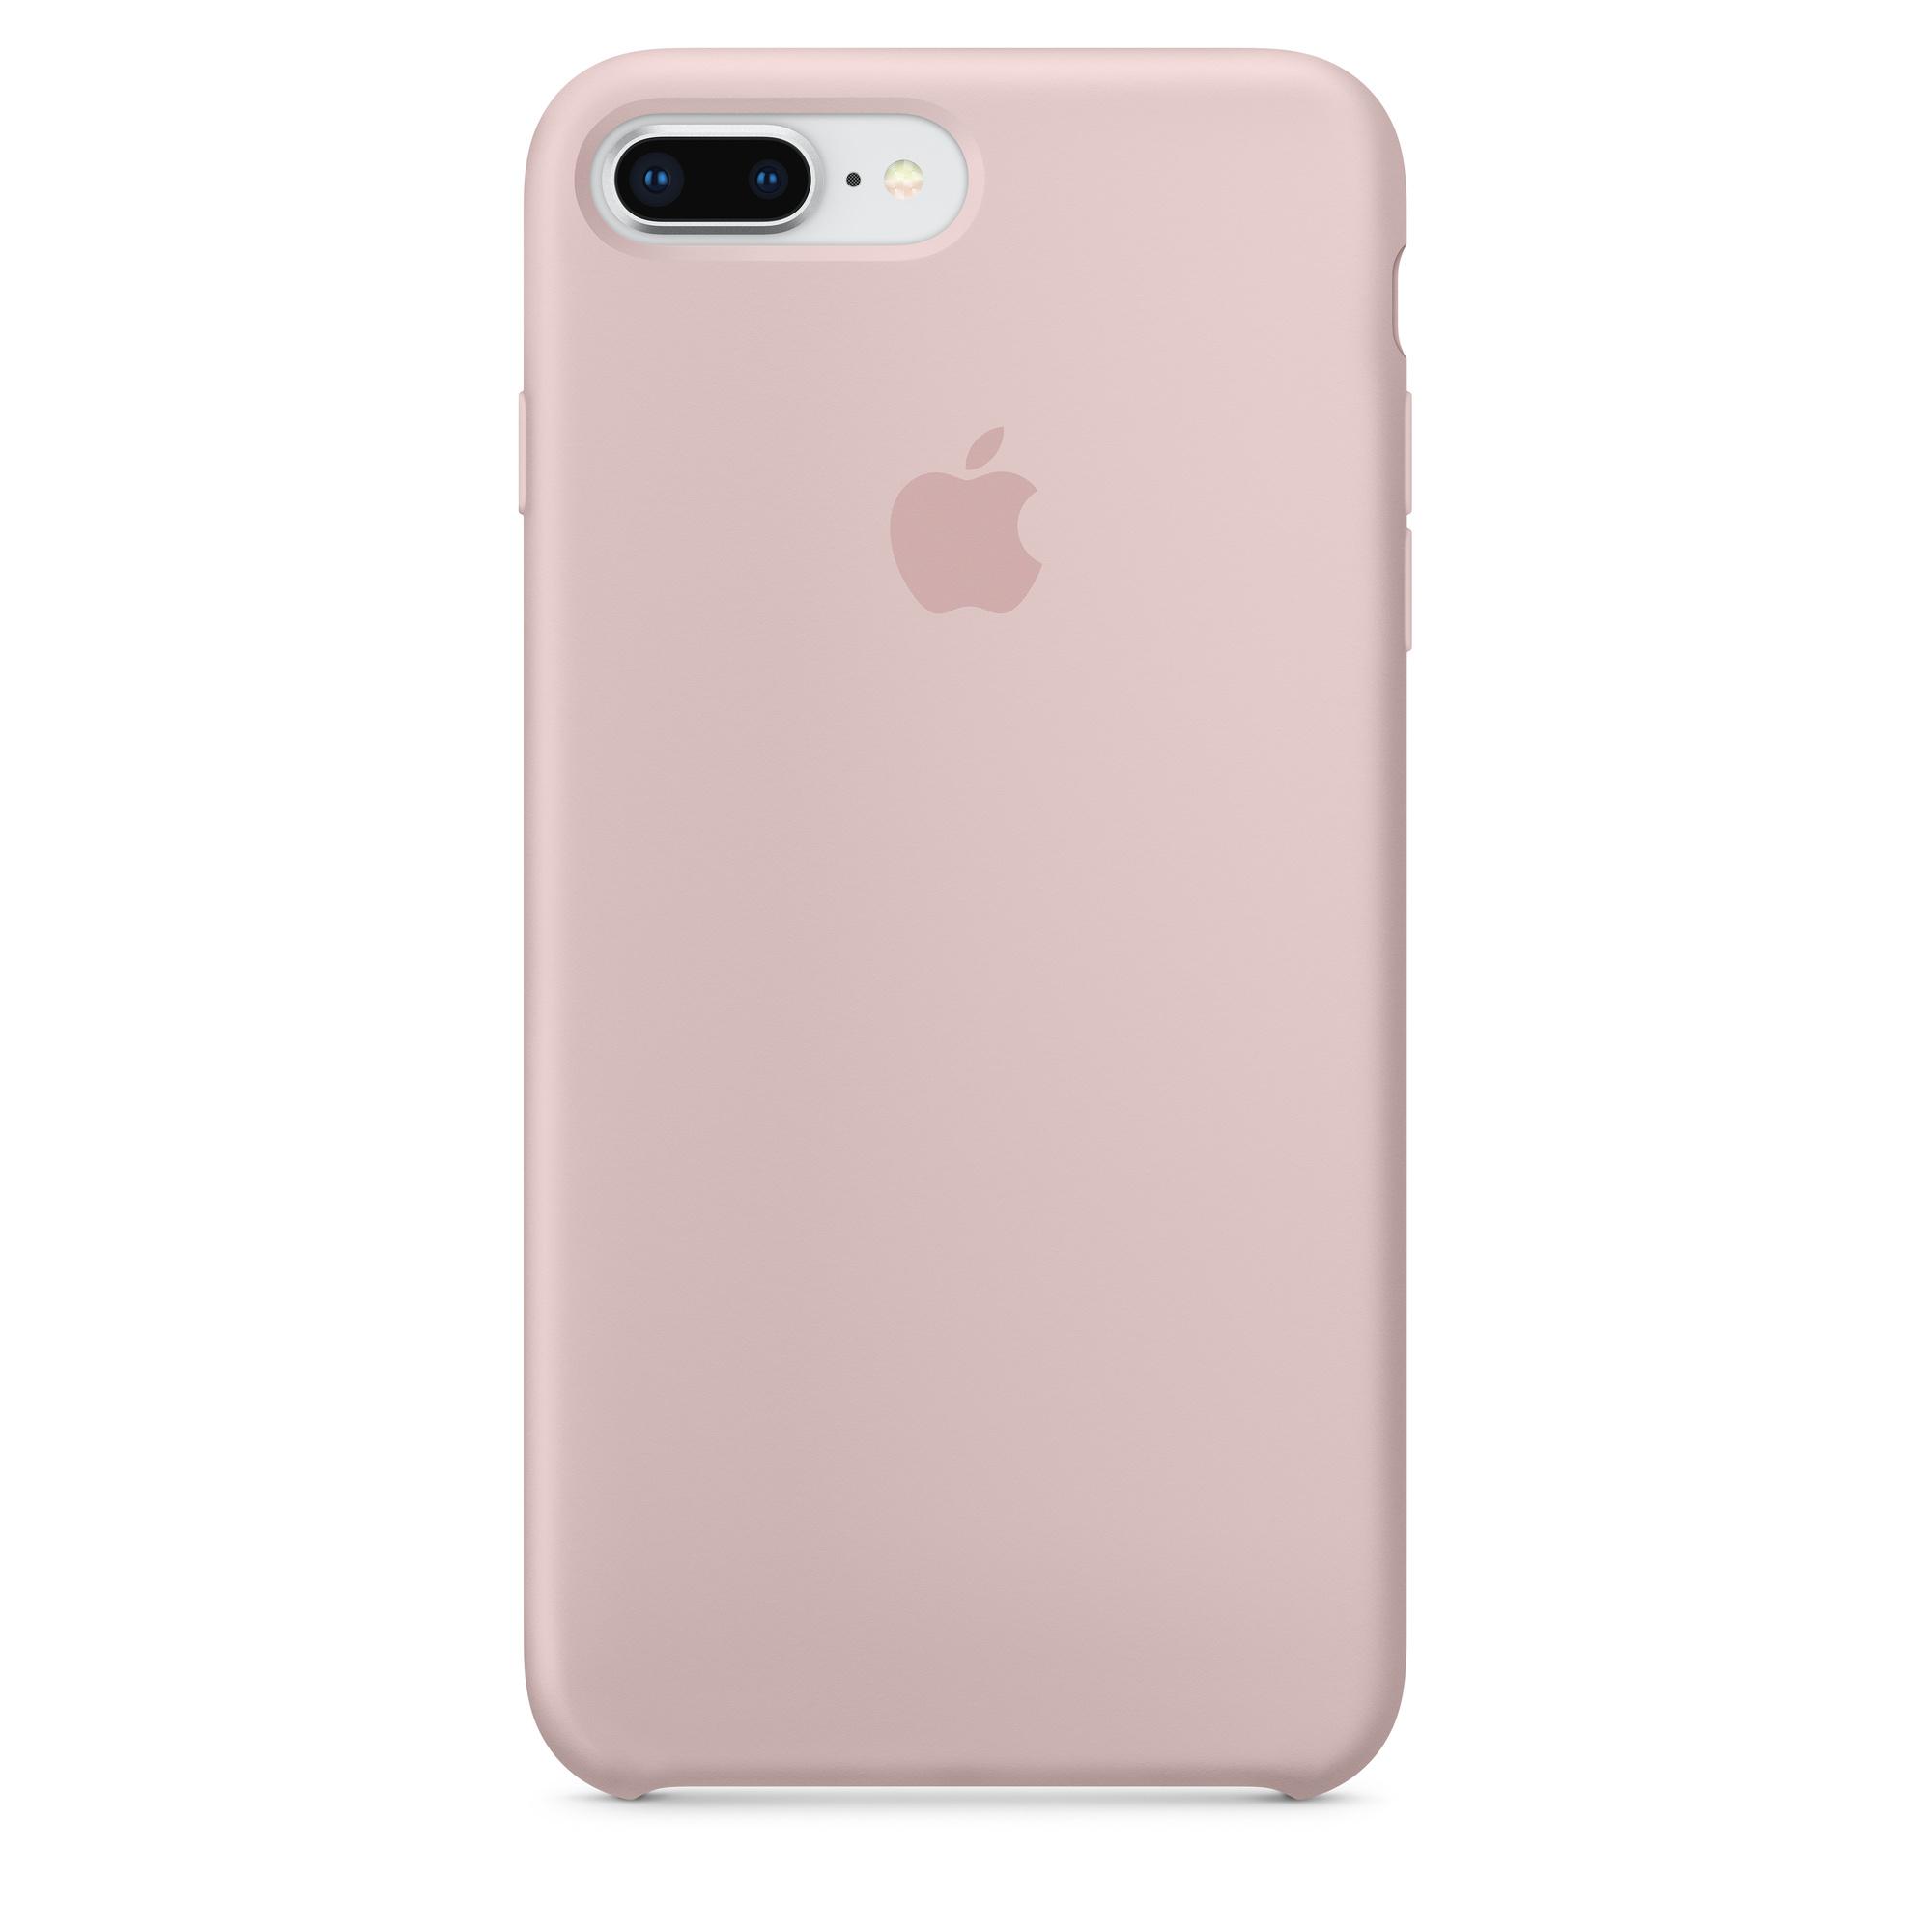 Custodia in silicone per iPhone 8 Plus / 7 Plus - Rosa sabbia